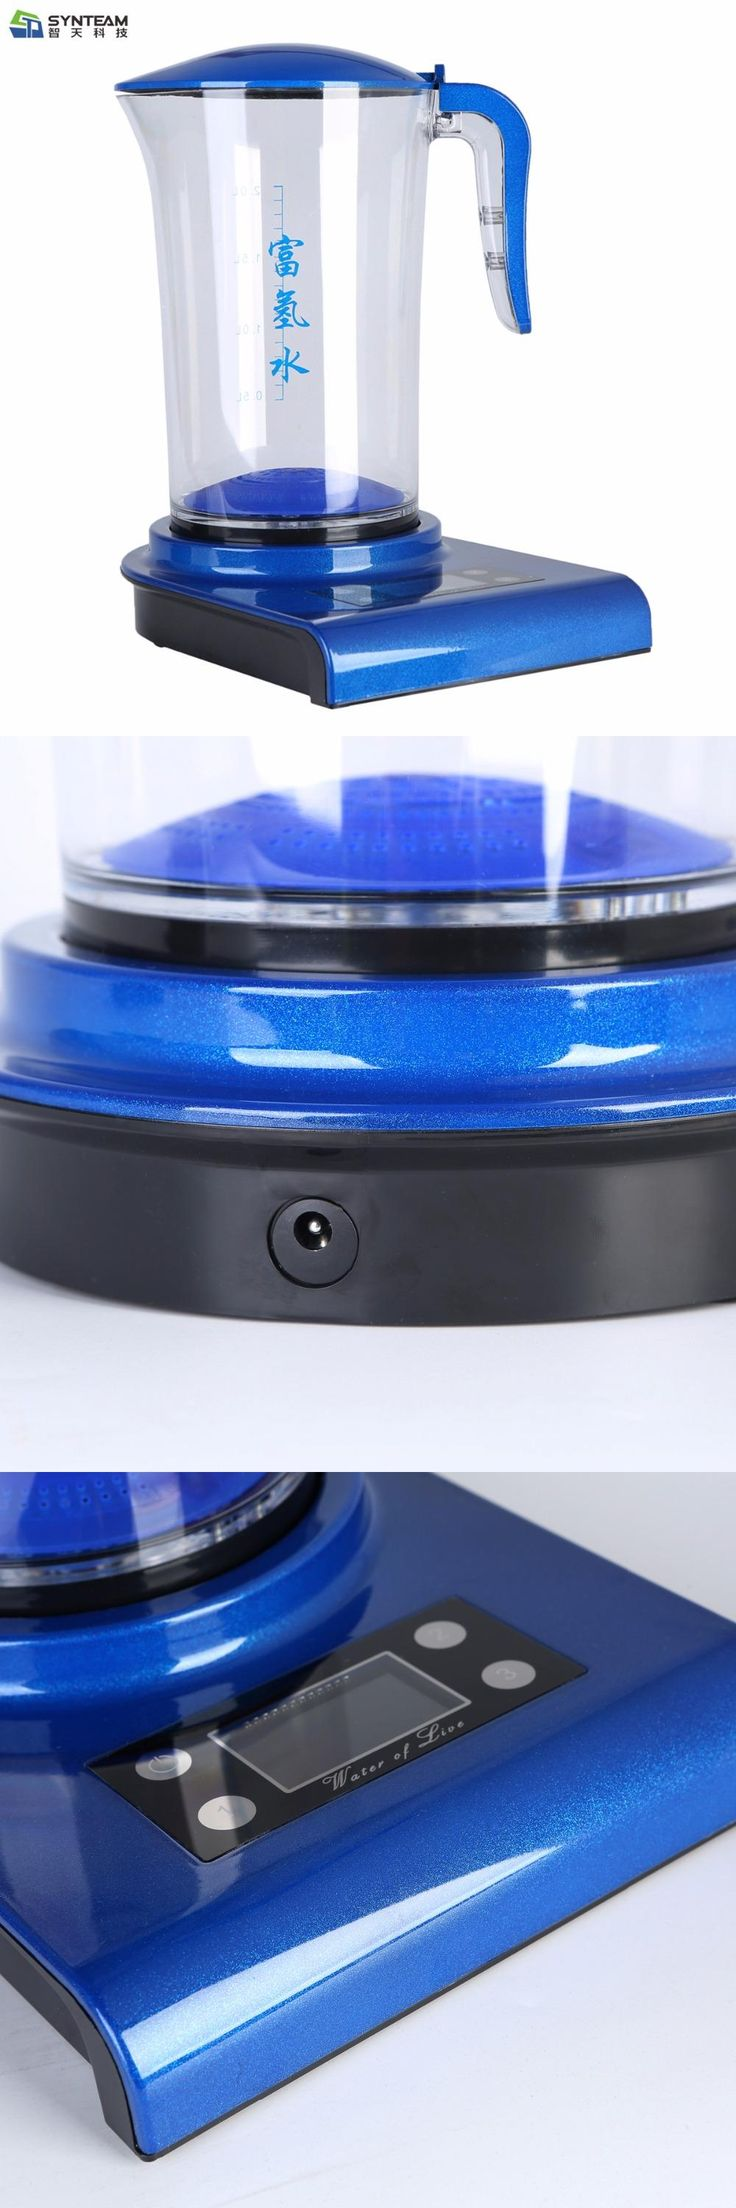 [Visit to Buy] Hydrogen Water Generator Hydrogen Rich Water Machine SYNTEAM Brand Alkaline Water Ionizers 2.0L 100-240V #Advertisement